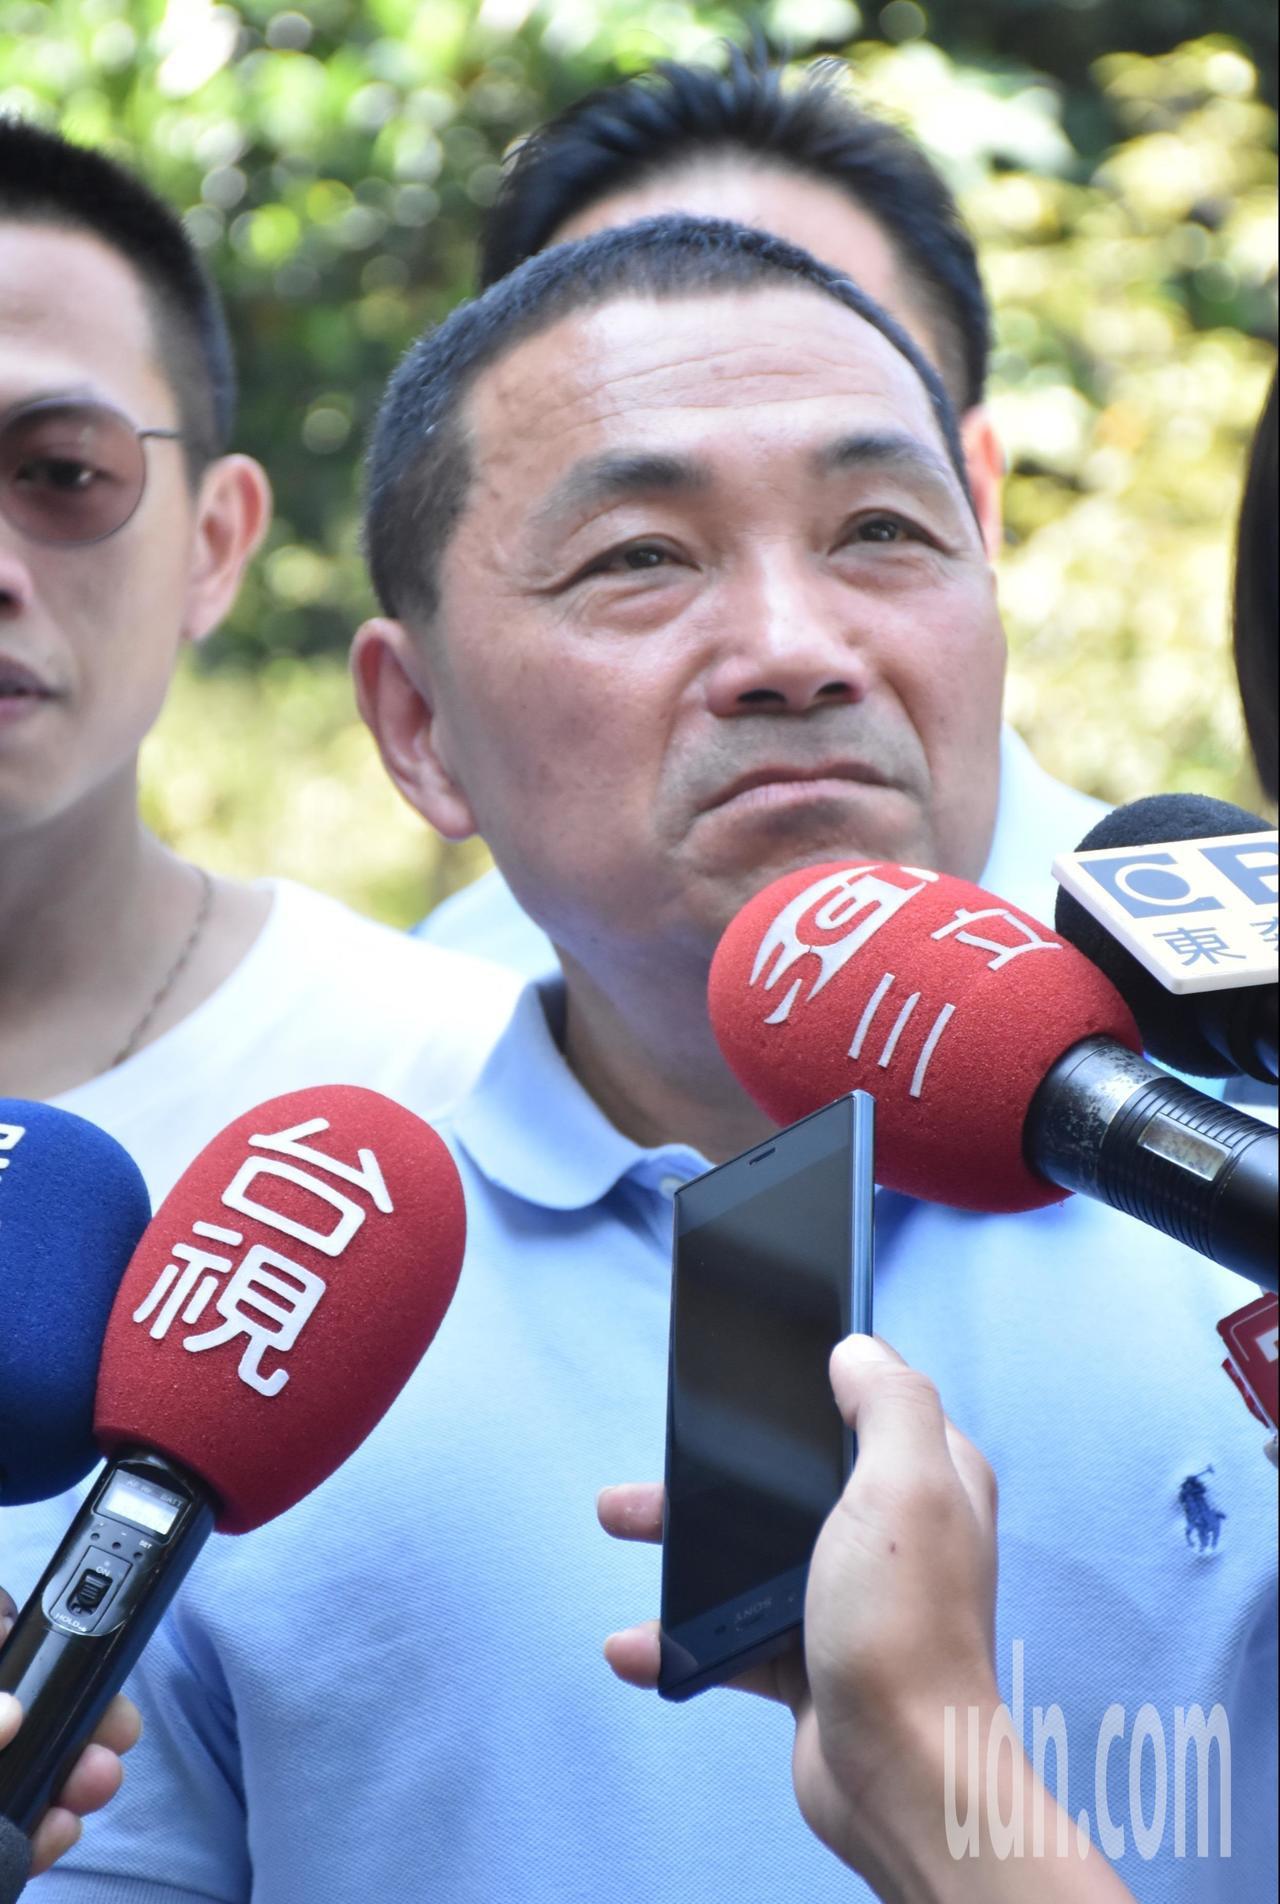 侯友宜表示對造成困擾深表歉意。記者江婉儀/攝影